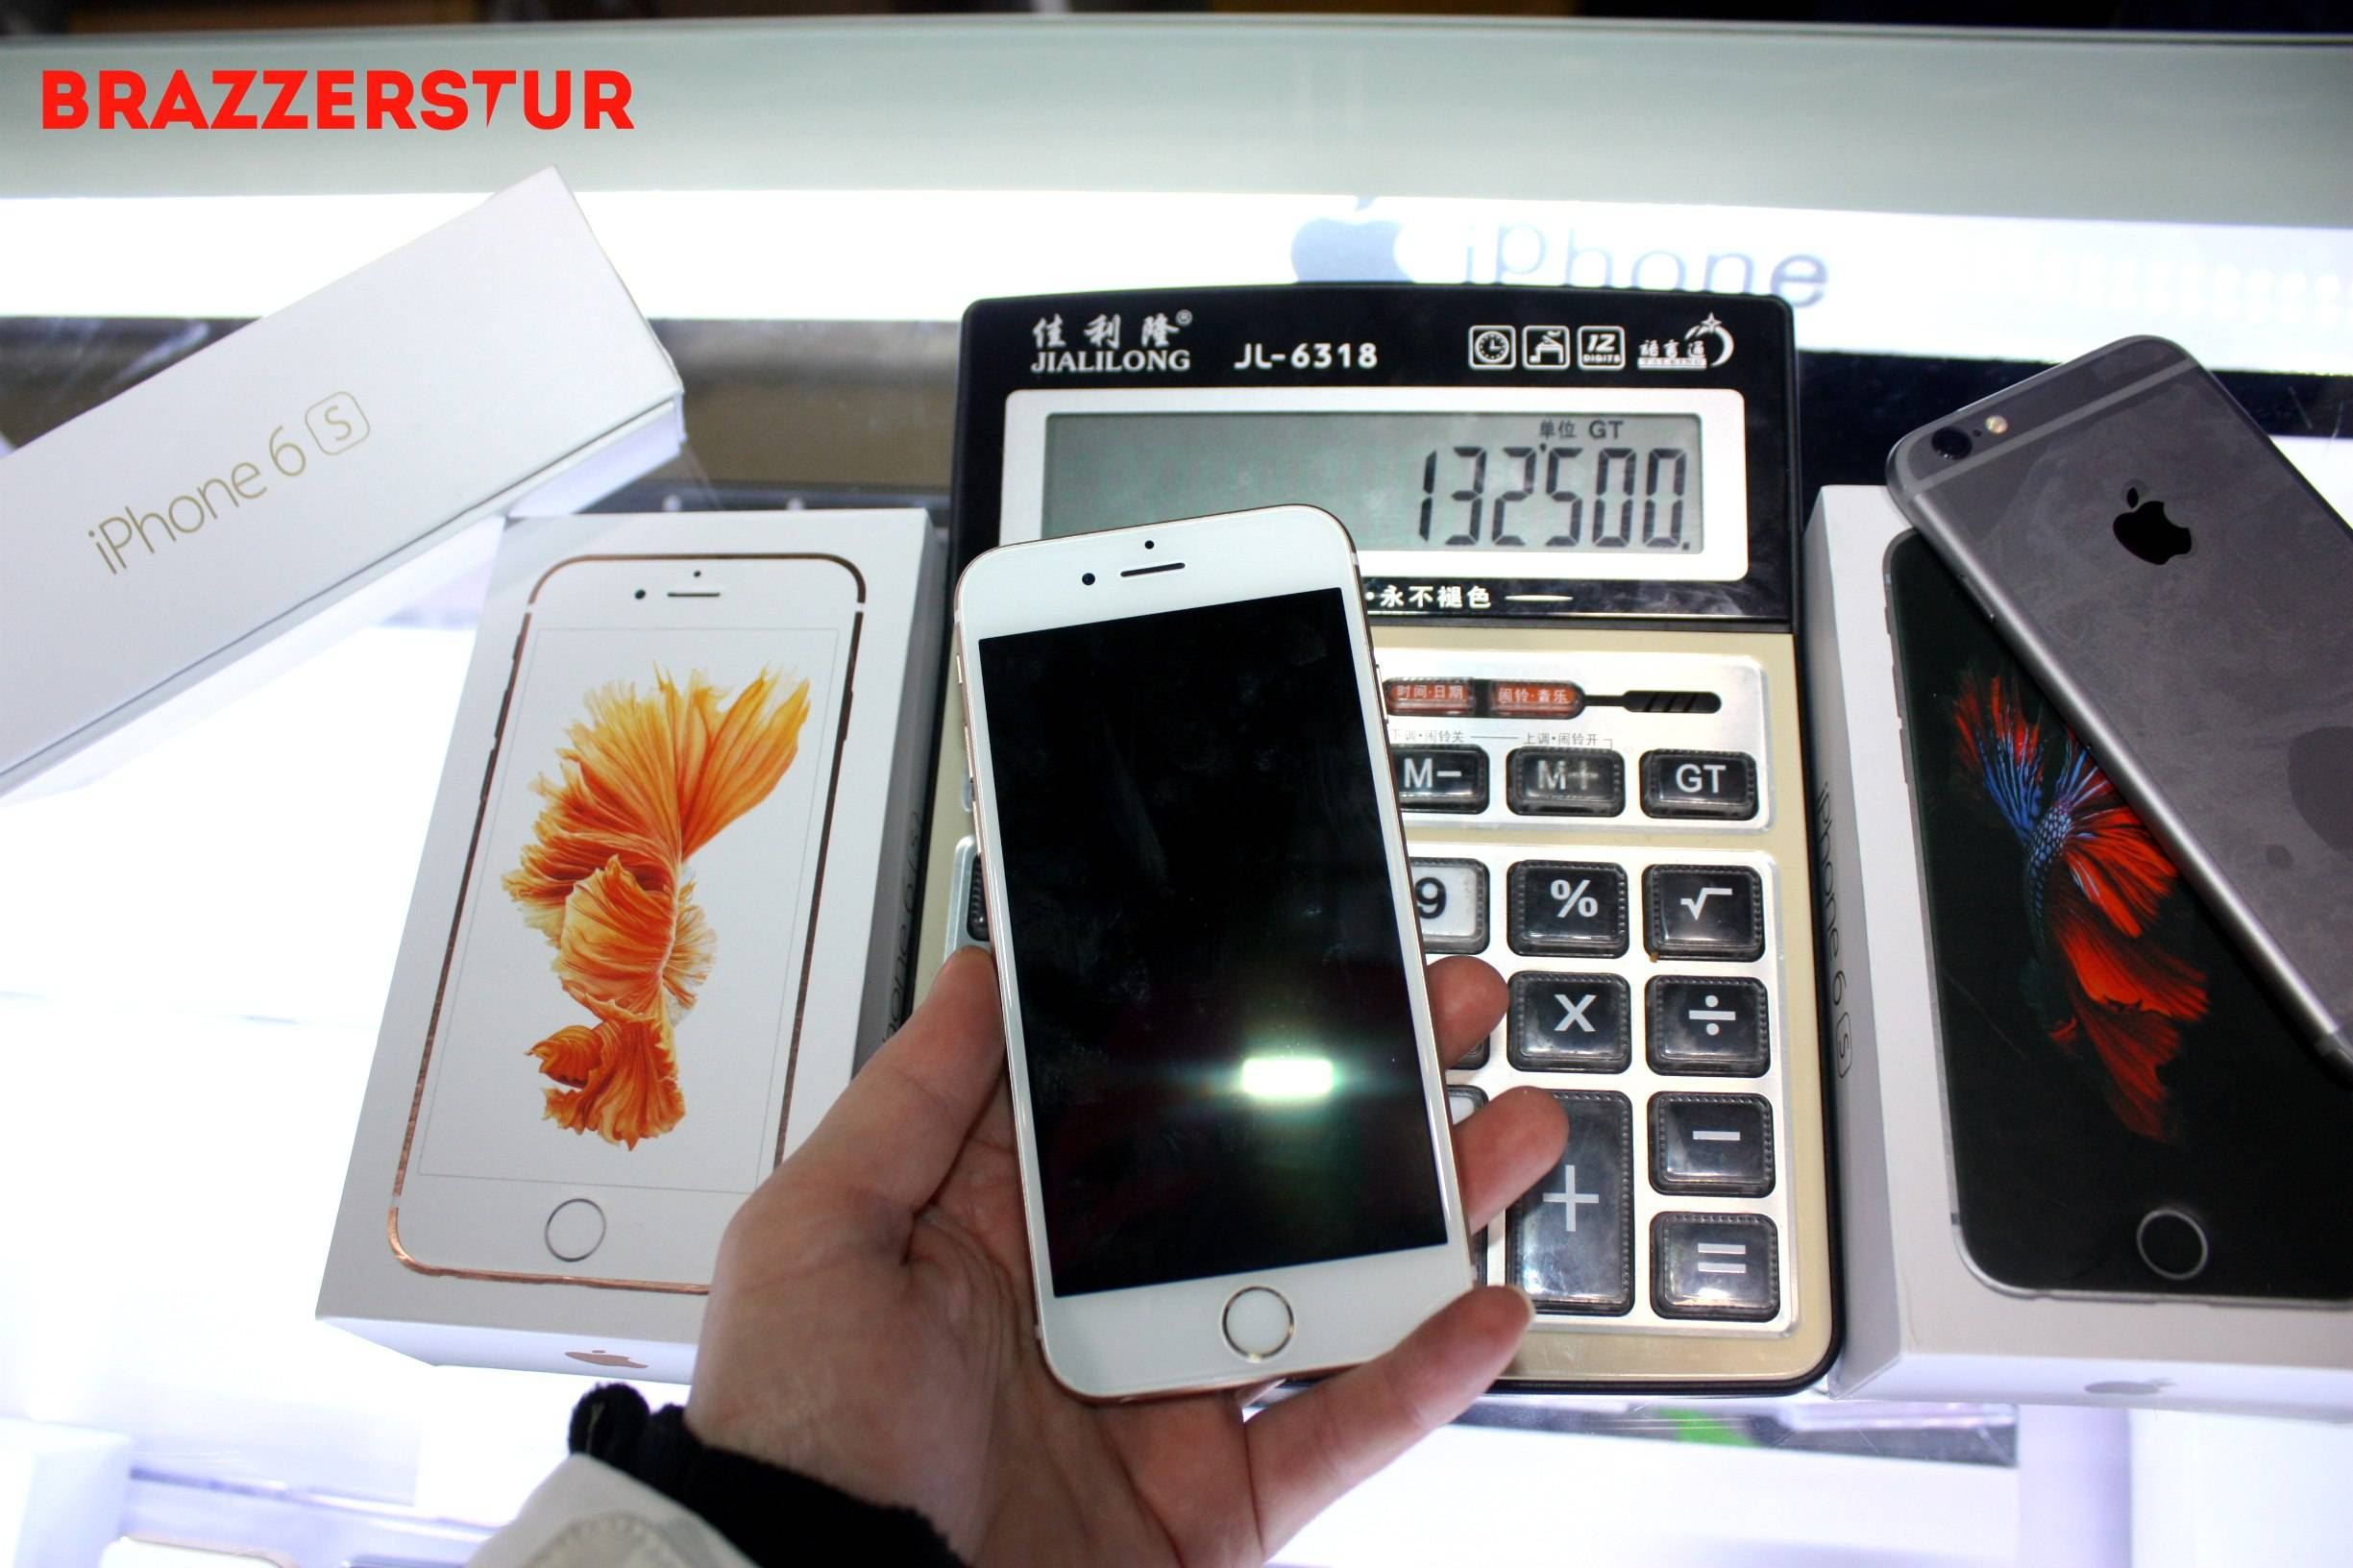 Дешевые Телефоны Спб